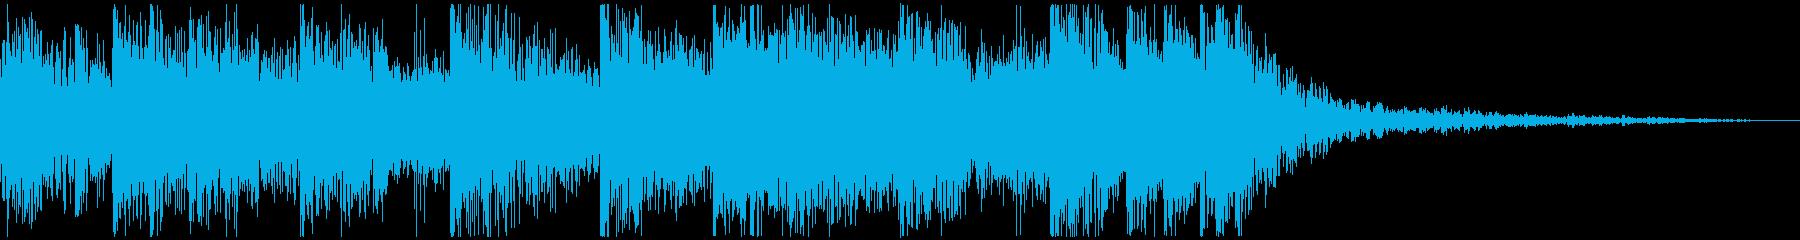 シンセによる宇宙的音色のジングルの再生済みの波形